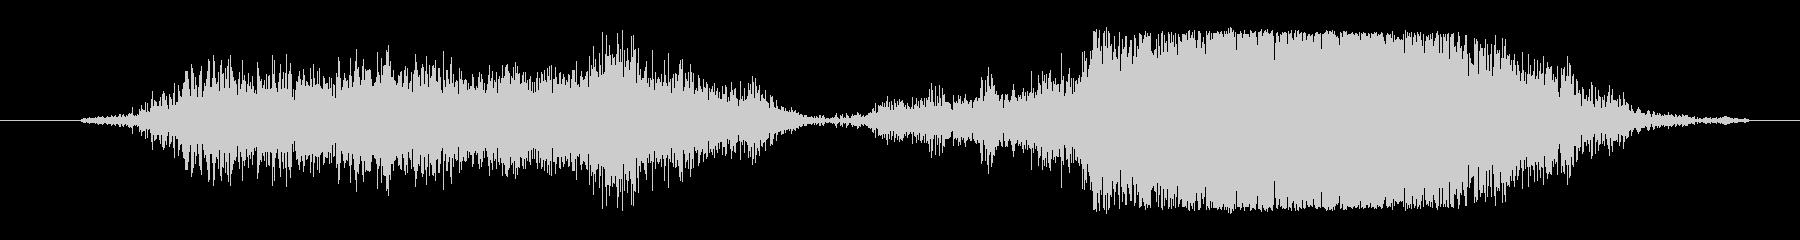 ボウッボボボボゥ(炎が舞い上がる音)の未再生の波形